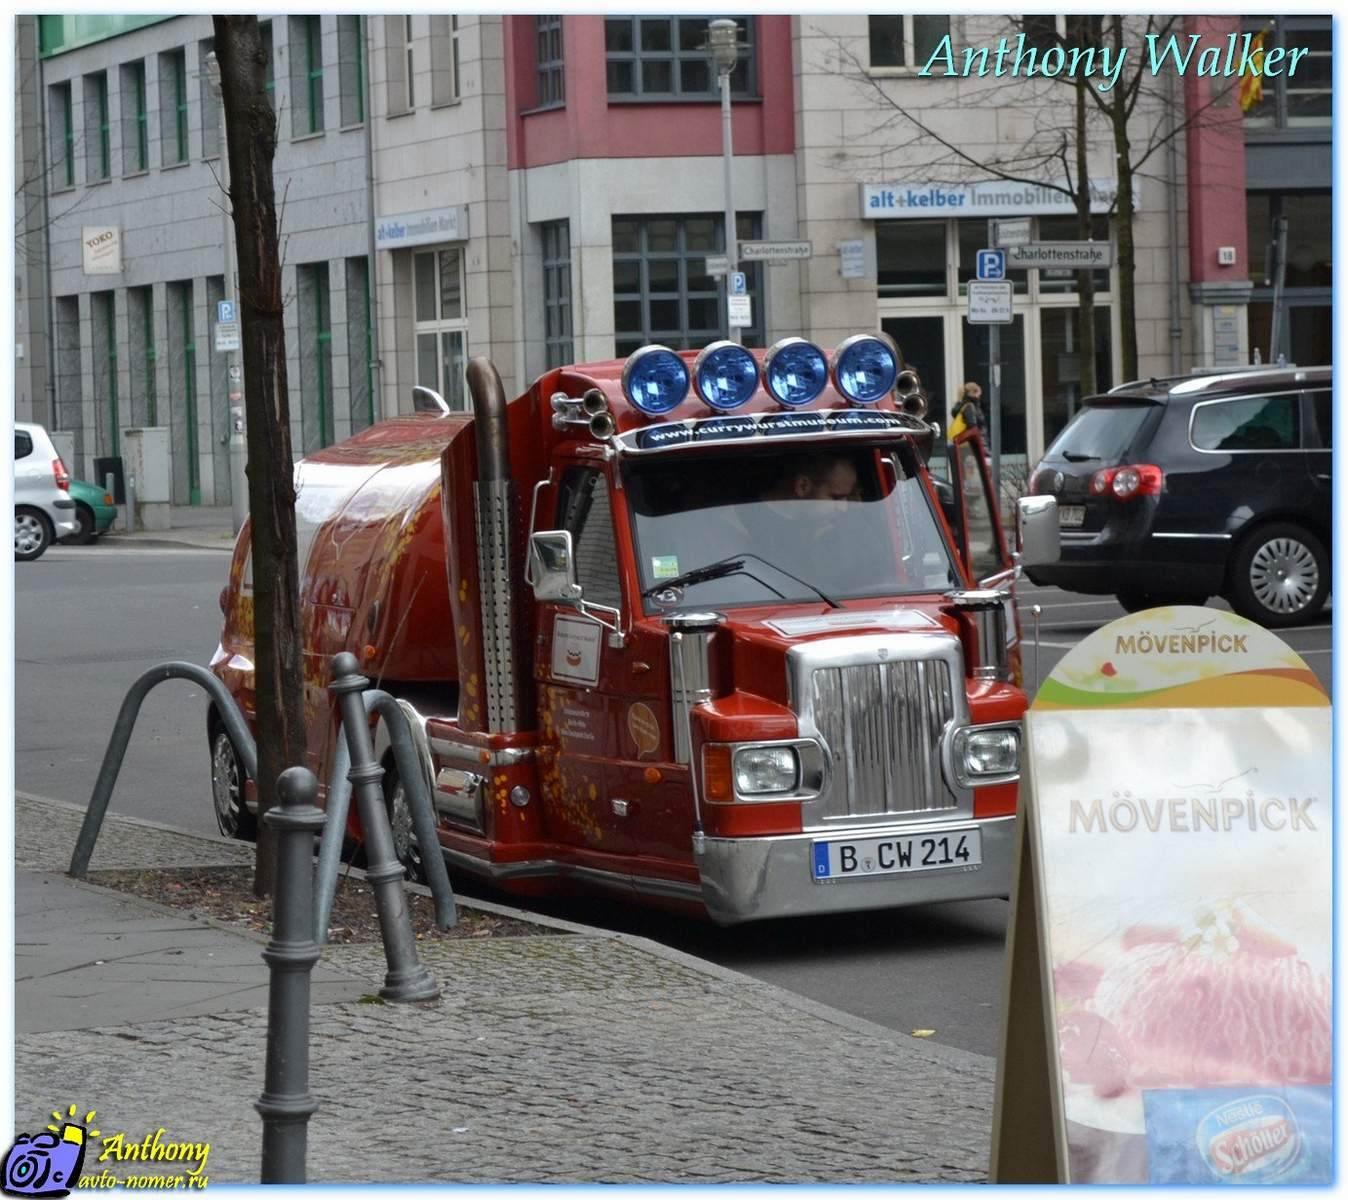 2000 (?). САМАВТО. Германия. Берлин. Автор неизвестен